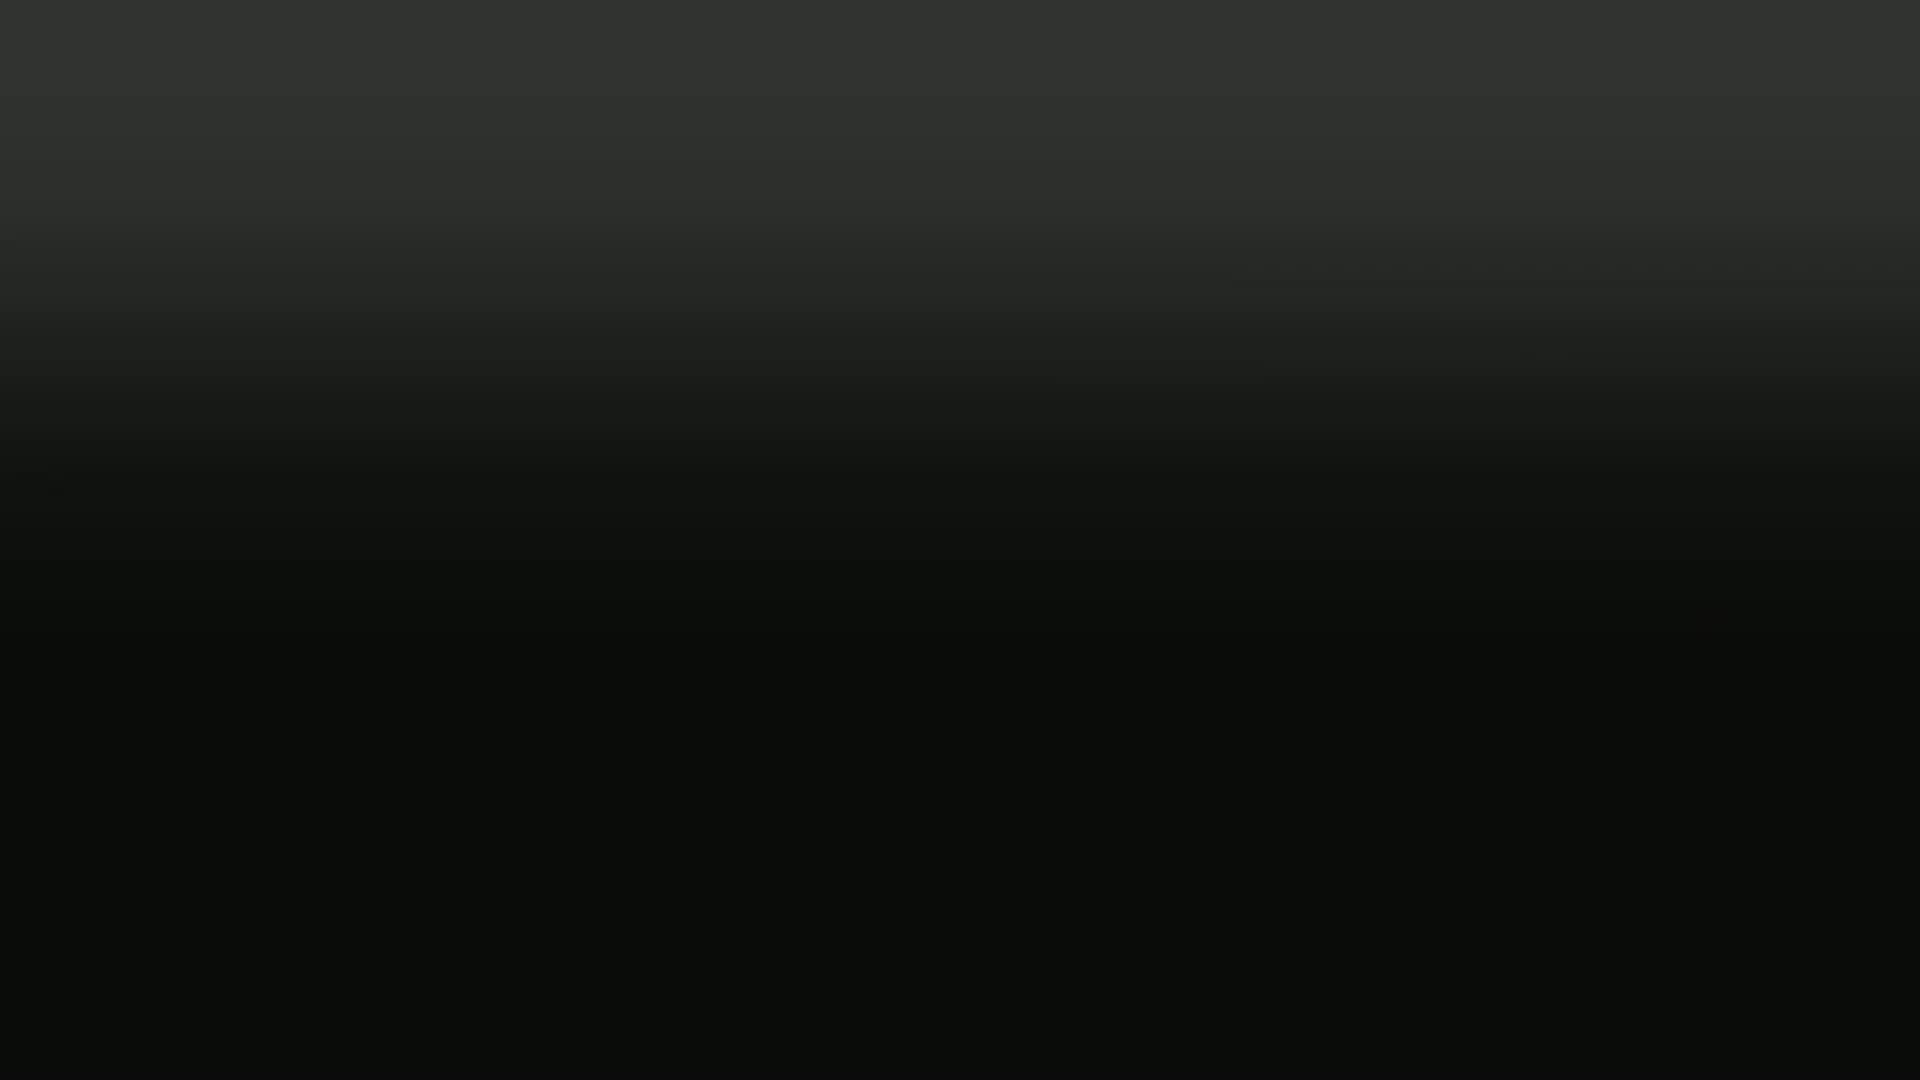 イマドキ!金髪キャバ嬢を密室独り占め - 心愛【フェラ 正常位 バック 中だし フェラ】